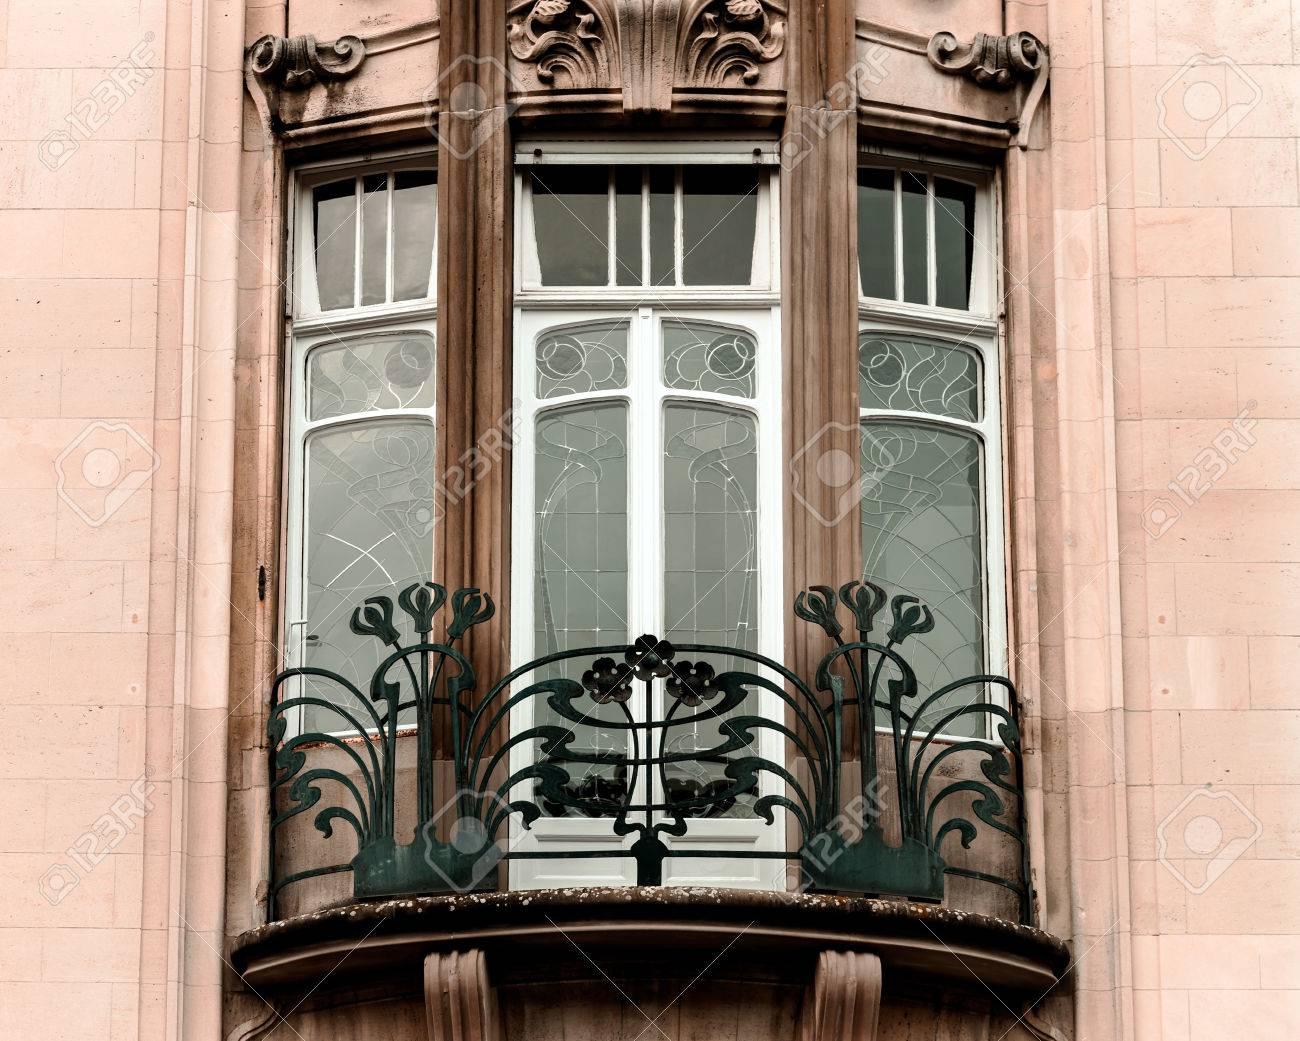 Belles fenêtres de style architectural moderne, maison ancienne à Strasbourg